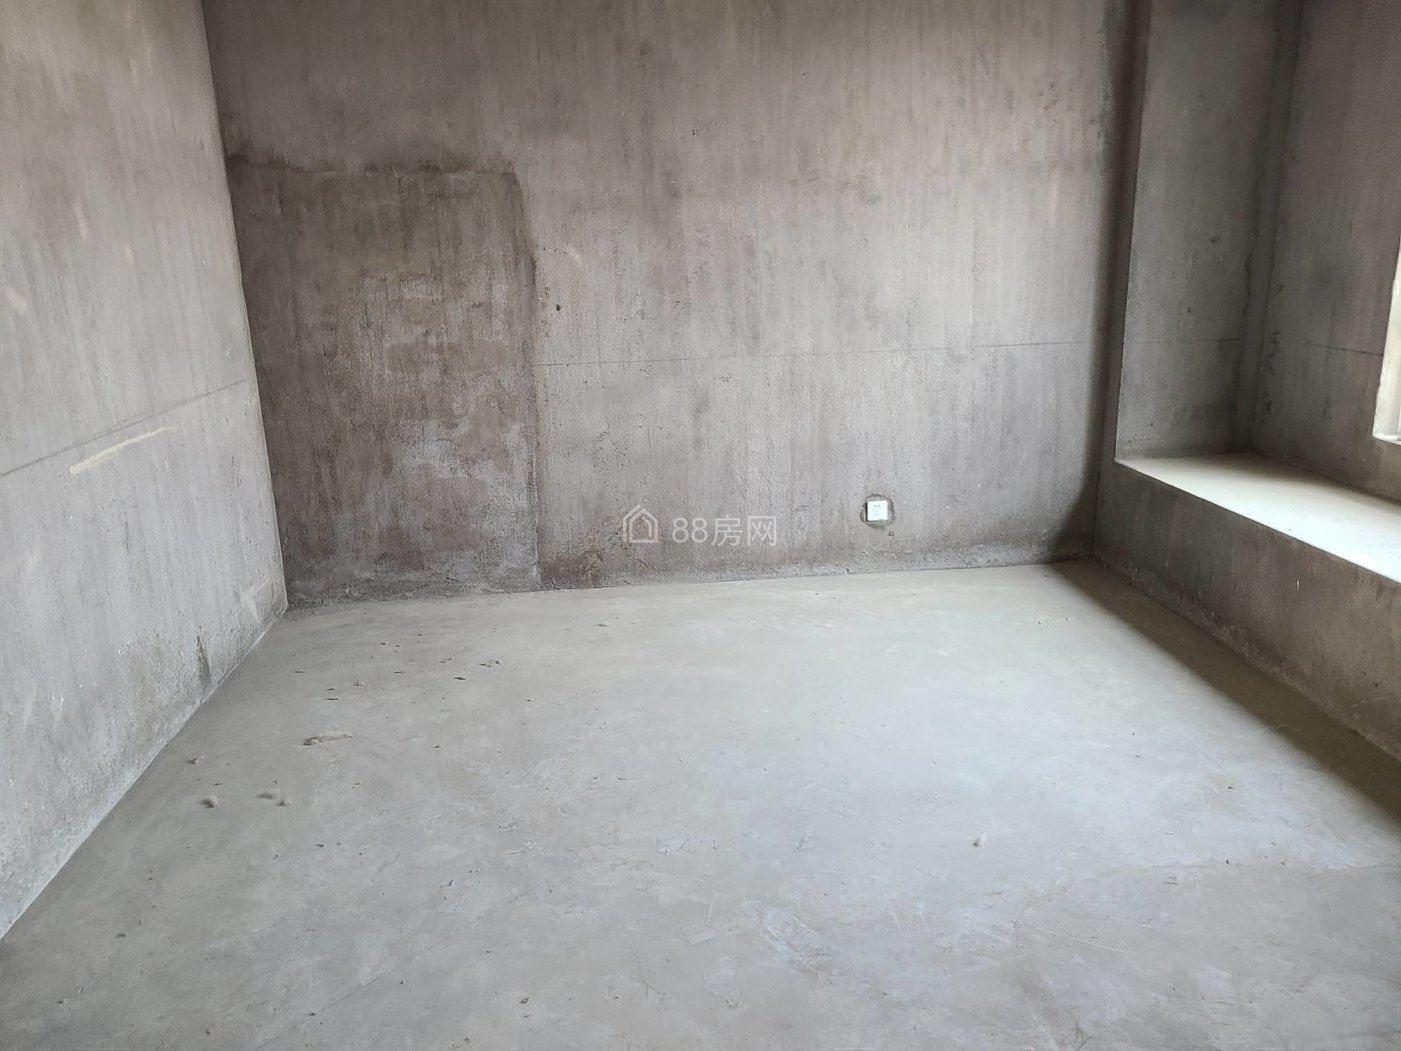 地铁口500米 送车位储 外地人可买 可落户上学 随时看房